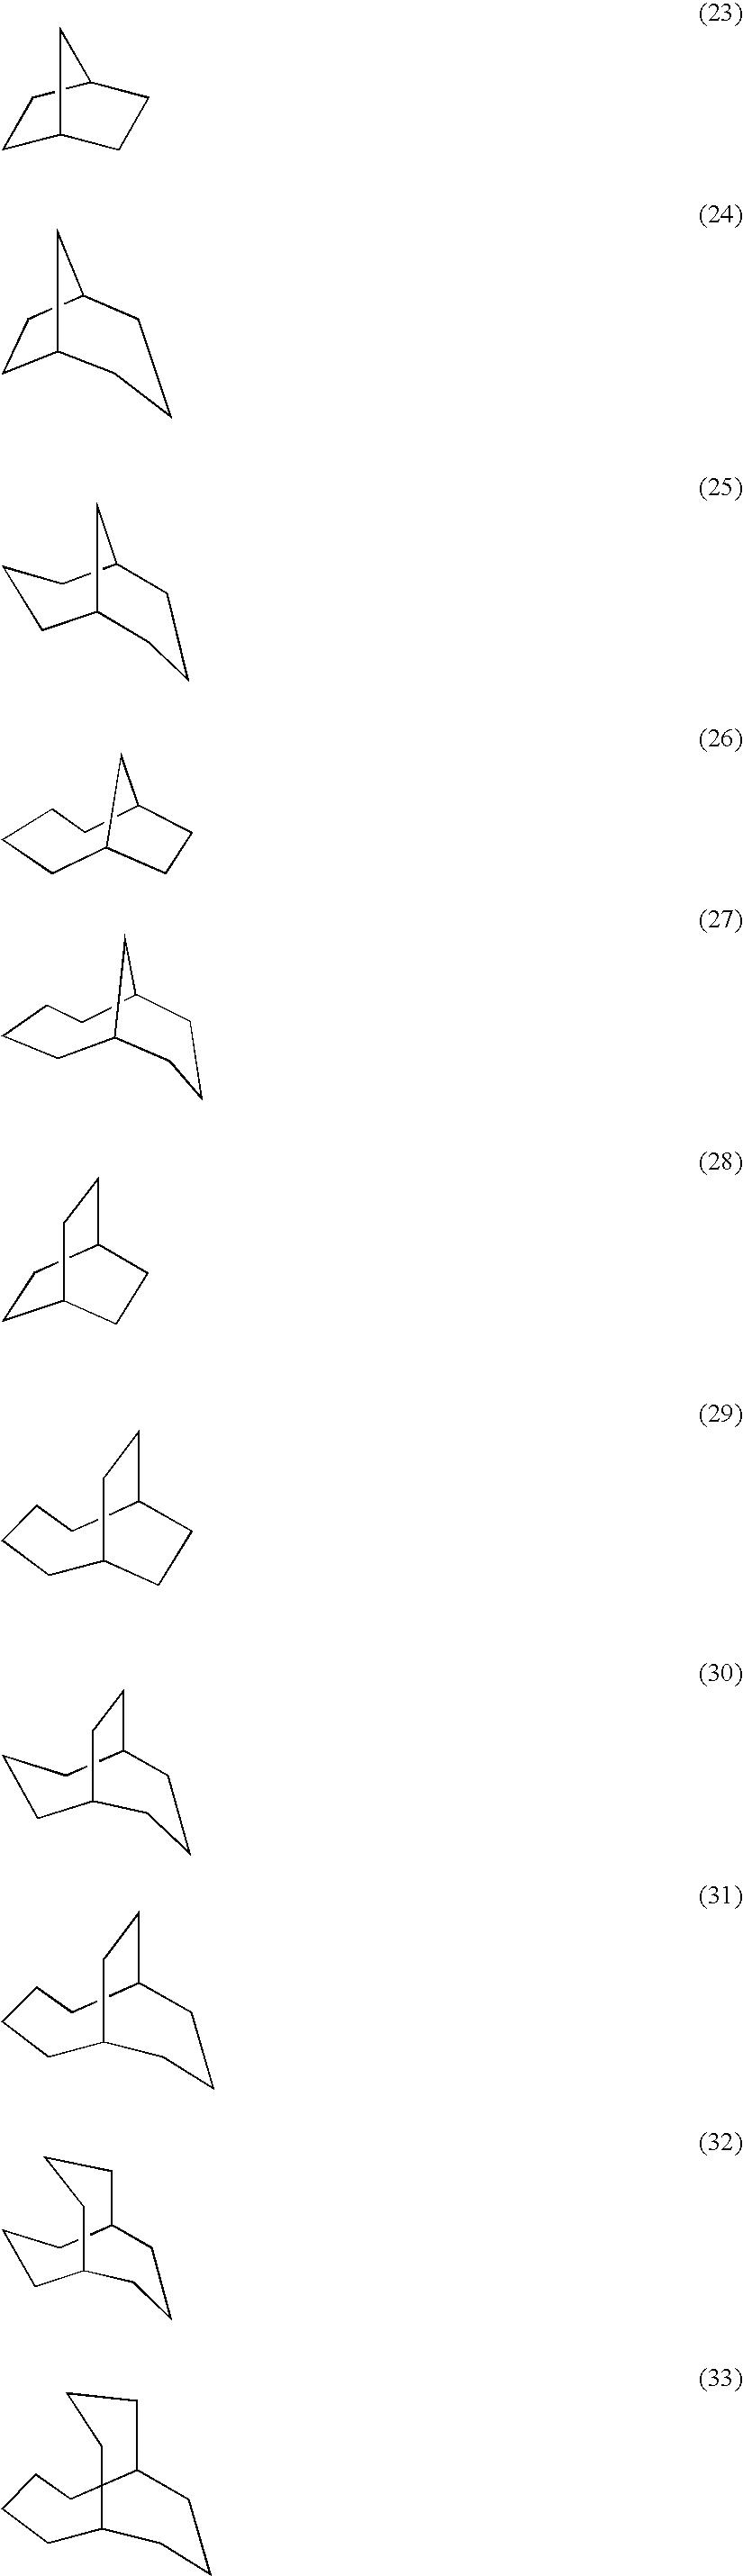 Figure US20070003871A1-20070104-C00061